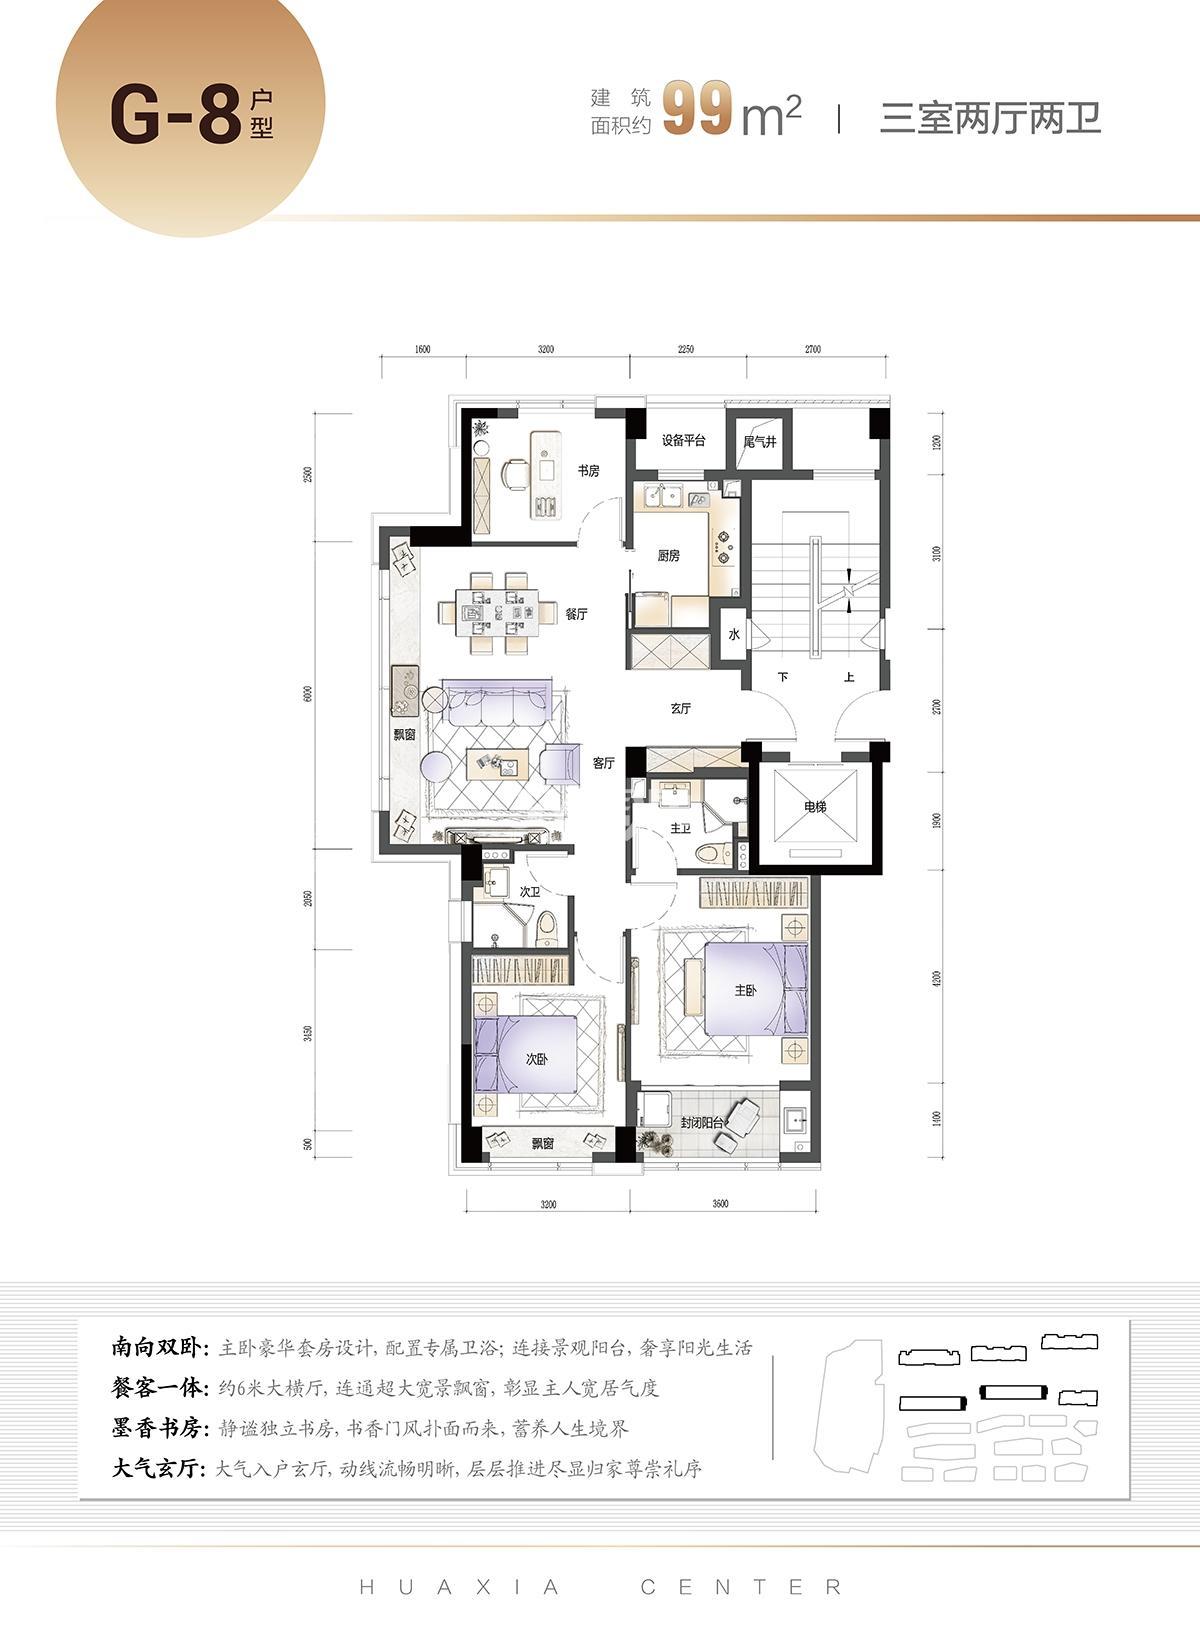 华夏之心4、5号楼G-8户型99方三室两厅两卫